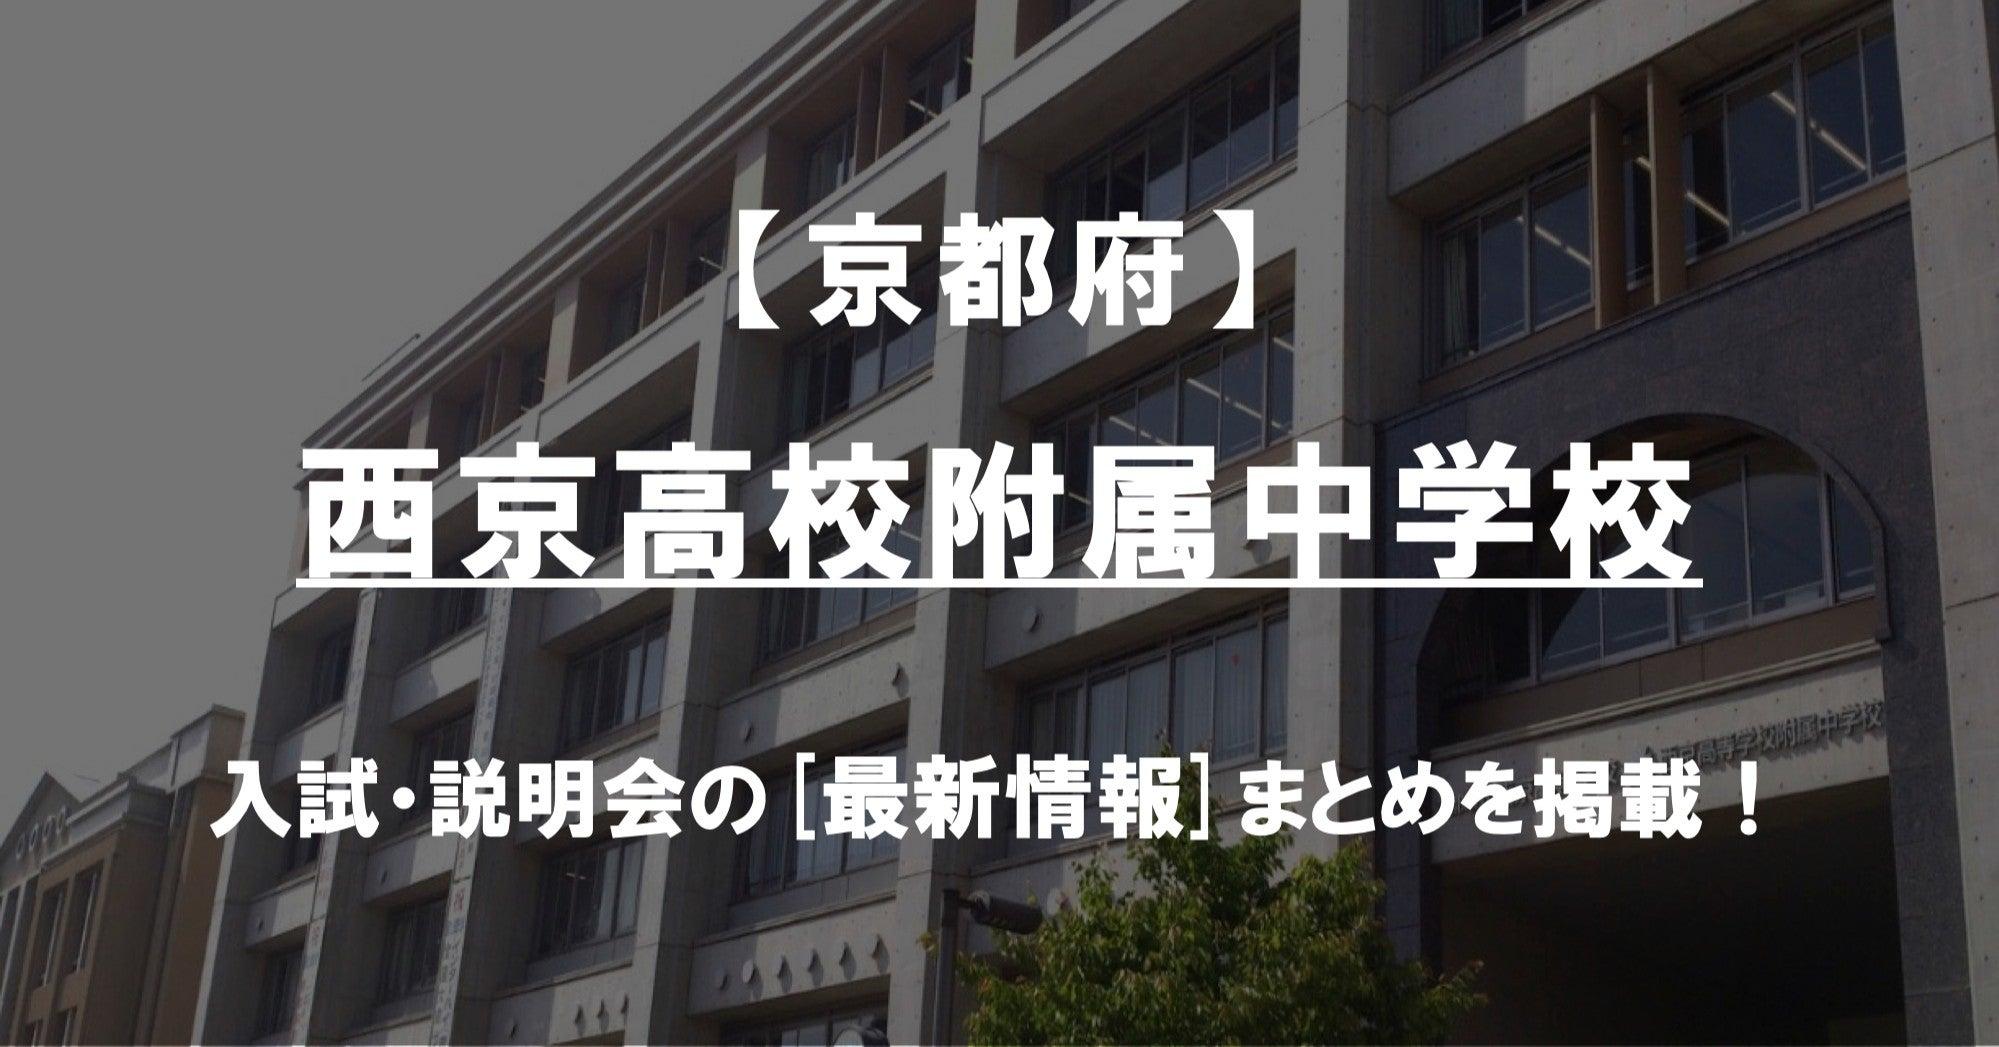 学校 中学校 附属 高等 西京